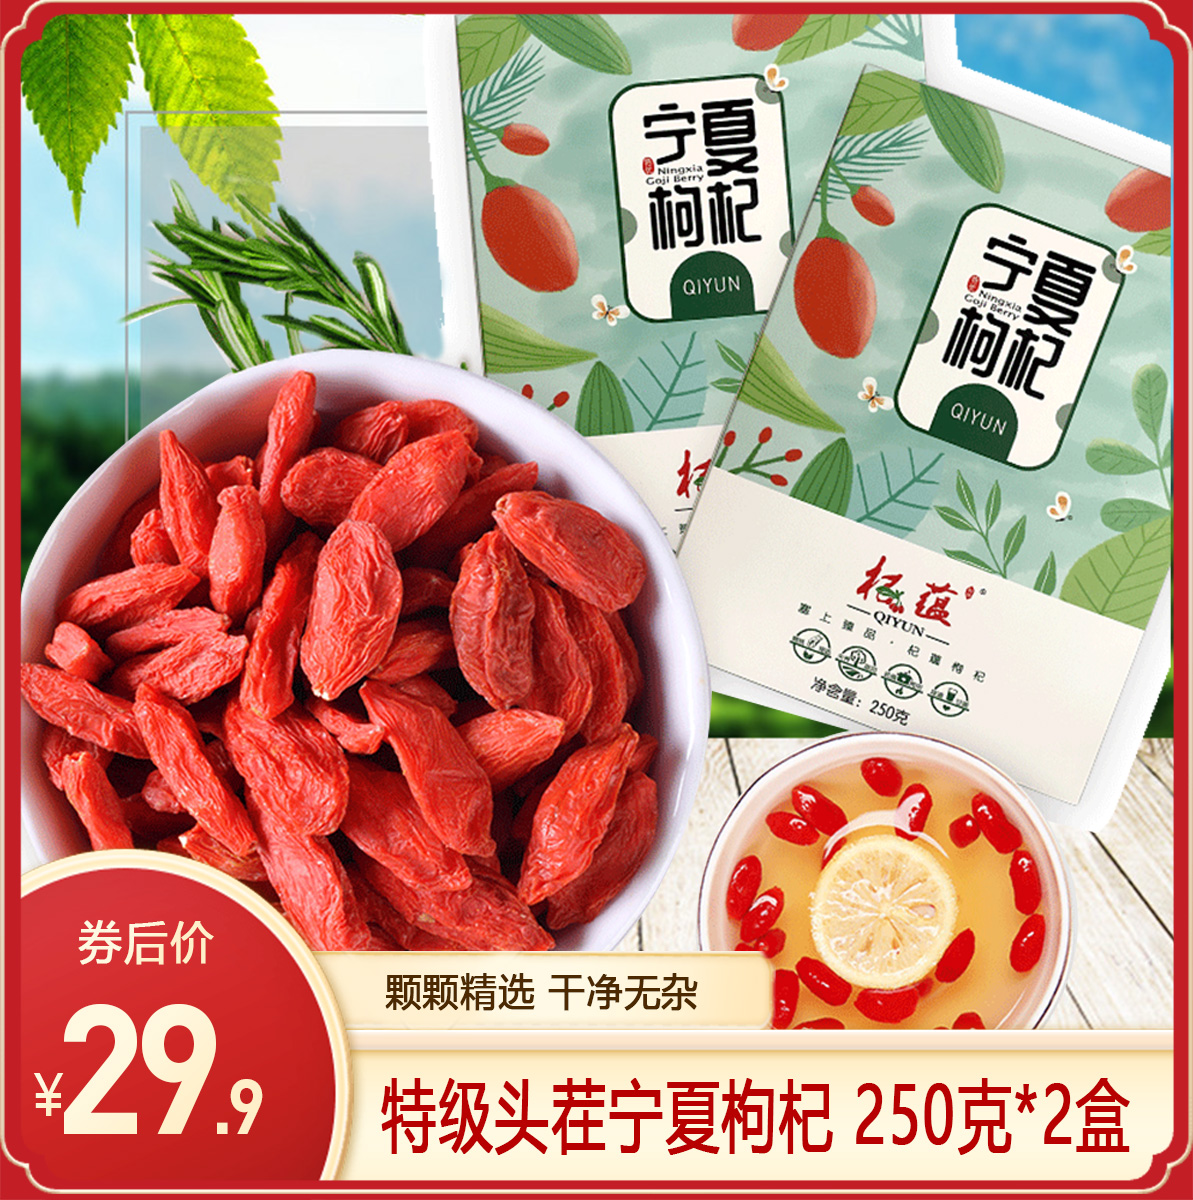 杞蕴 宁夏枸杞 小袋装 250克*2盒